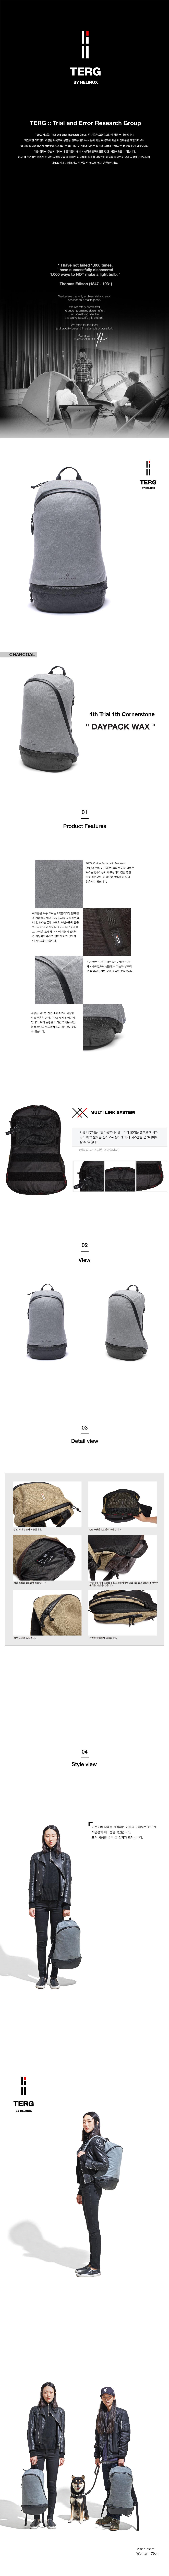 20160404-Daypack-Wax-Charcoal-wax.jpg